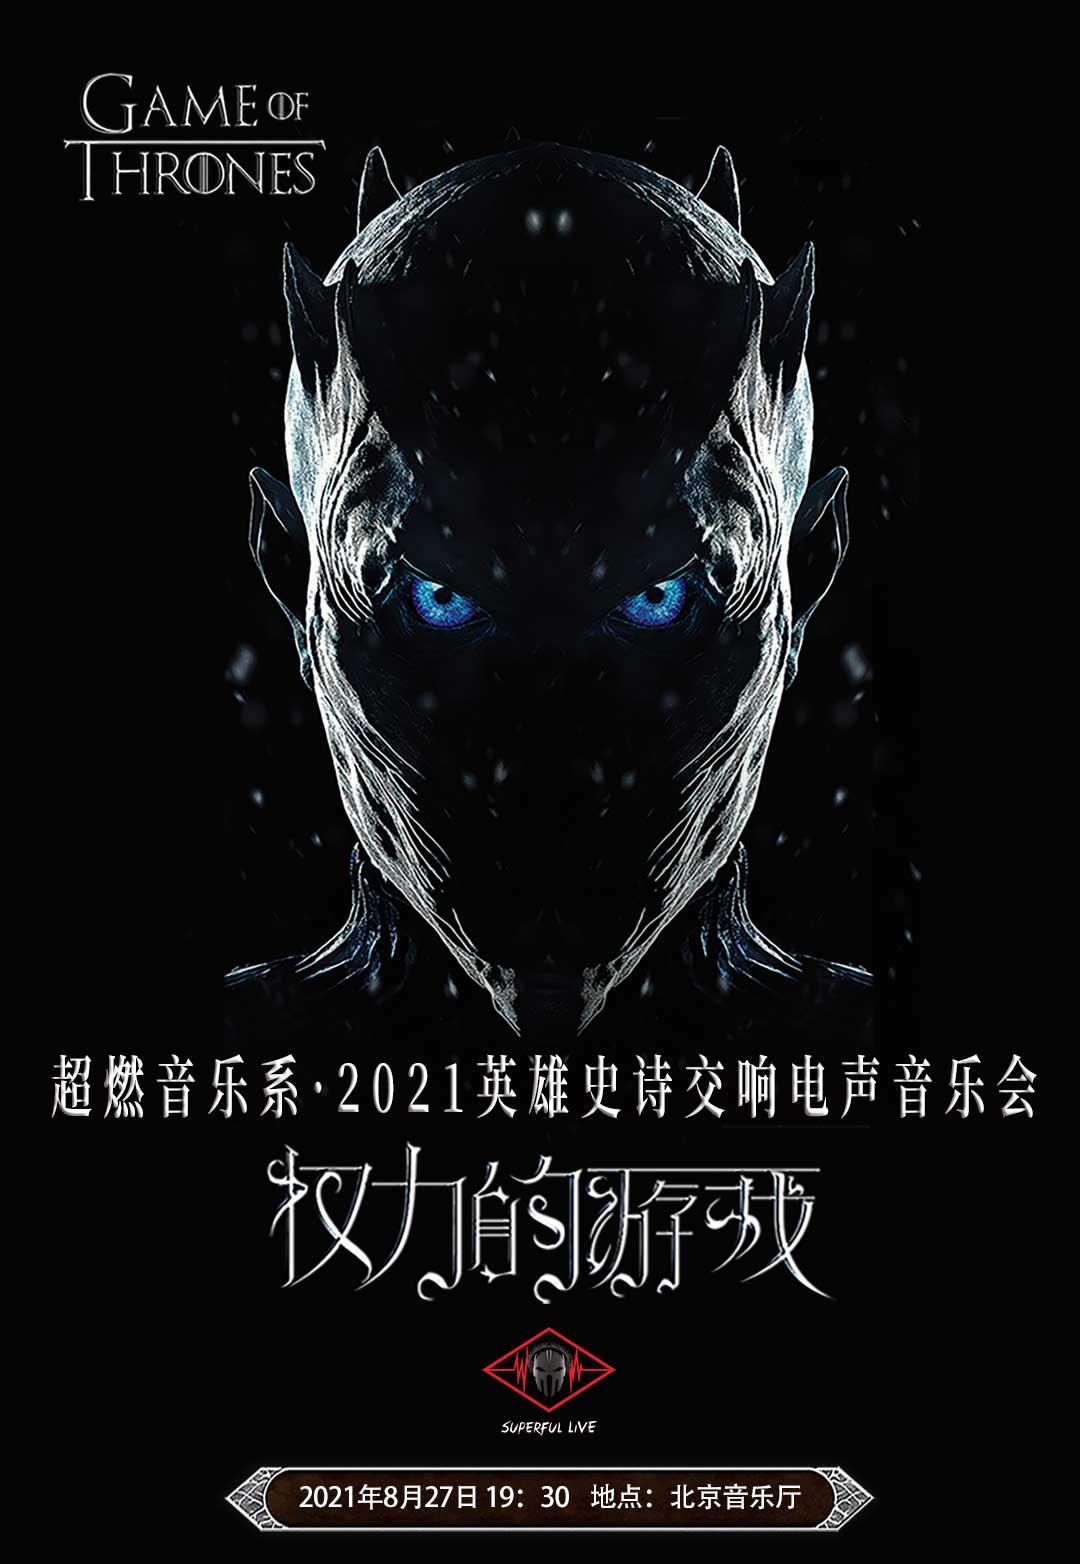 超燃音樂系音樂會《權力的游戲》北京站